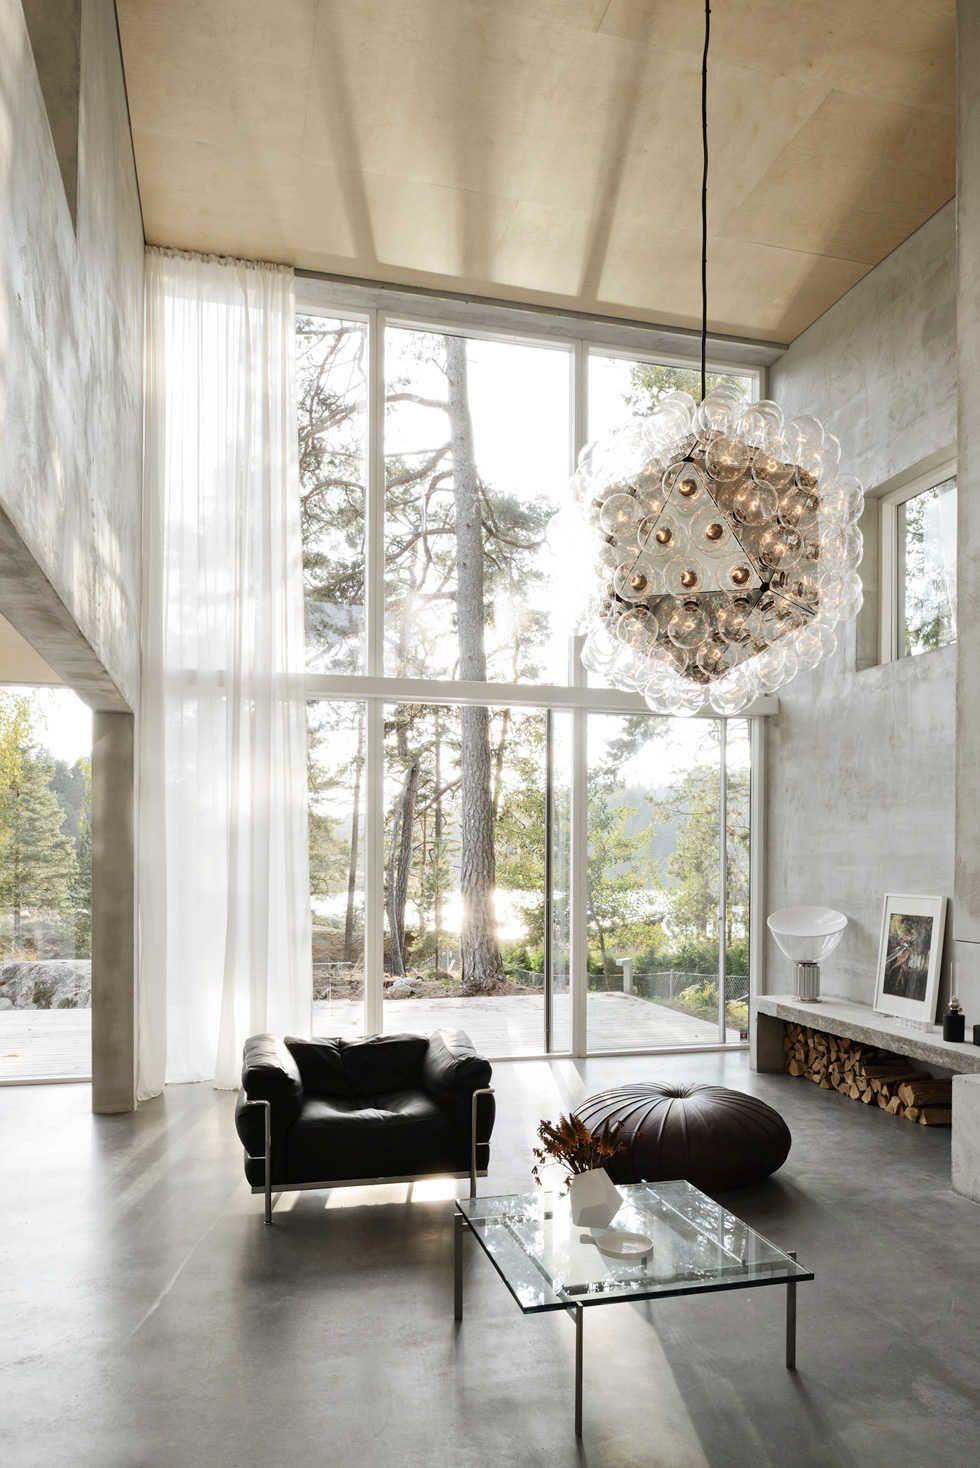 Витражное остекление фасада в доме с интерьером в стиле лофт